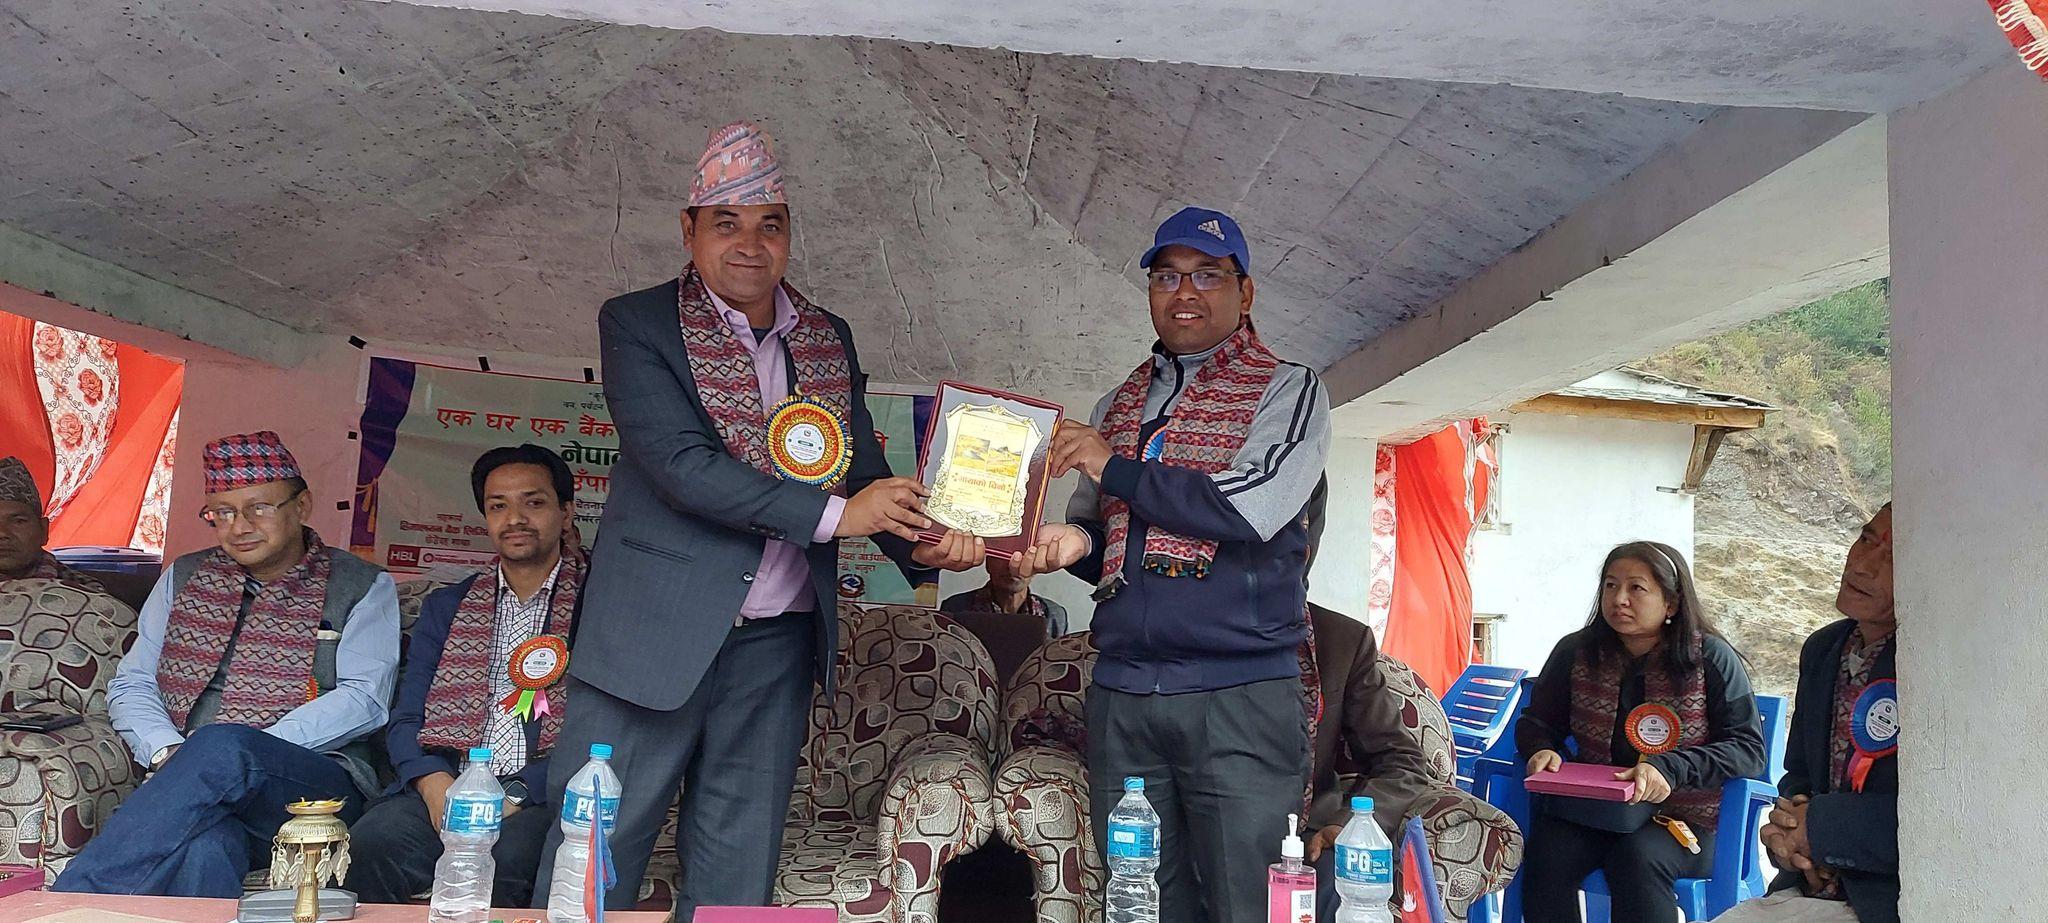 ग्रामीण भेगमा बैंकिङ पहुँच पुर्याउँदै राष्ट्र बैंक, खप्तडमा 'एक घर–एक बैंक' नमूना पालिका घोषणा